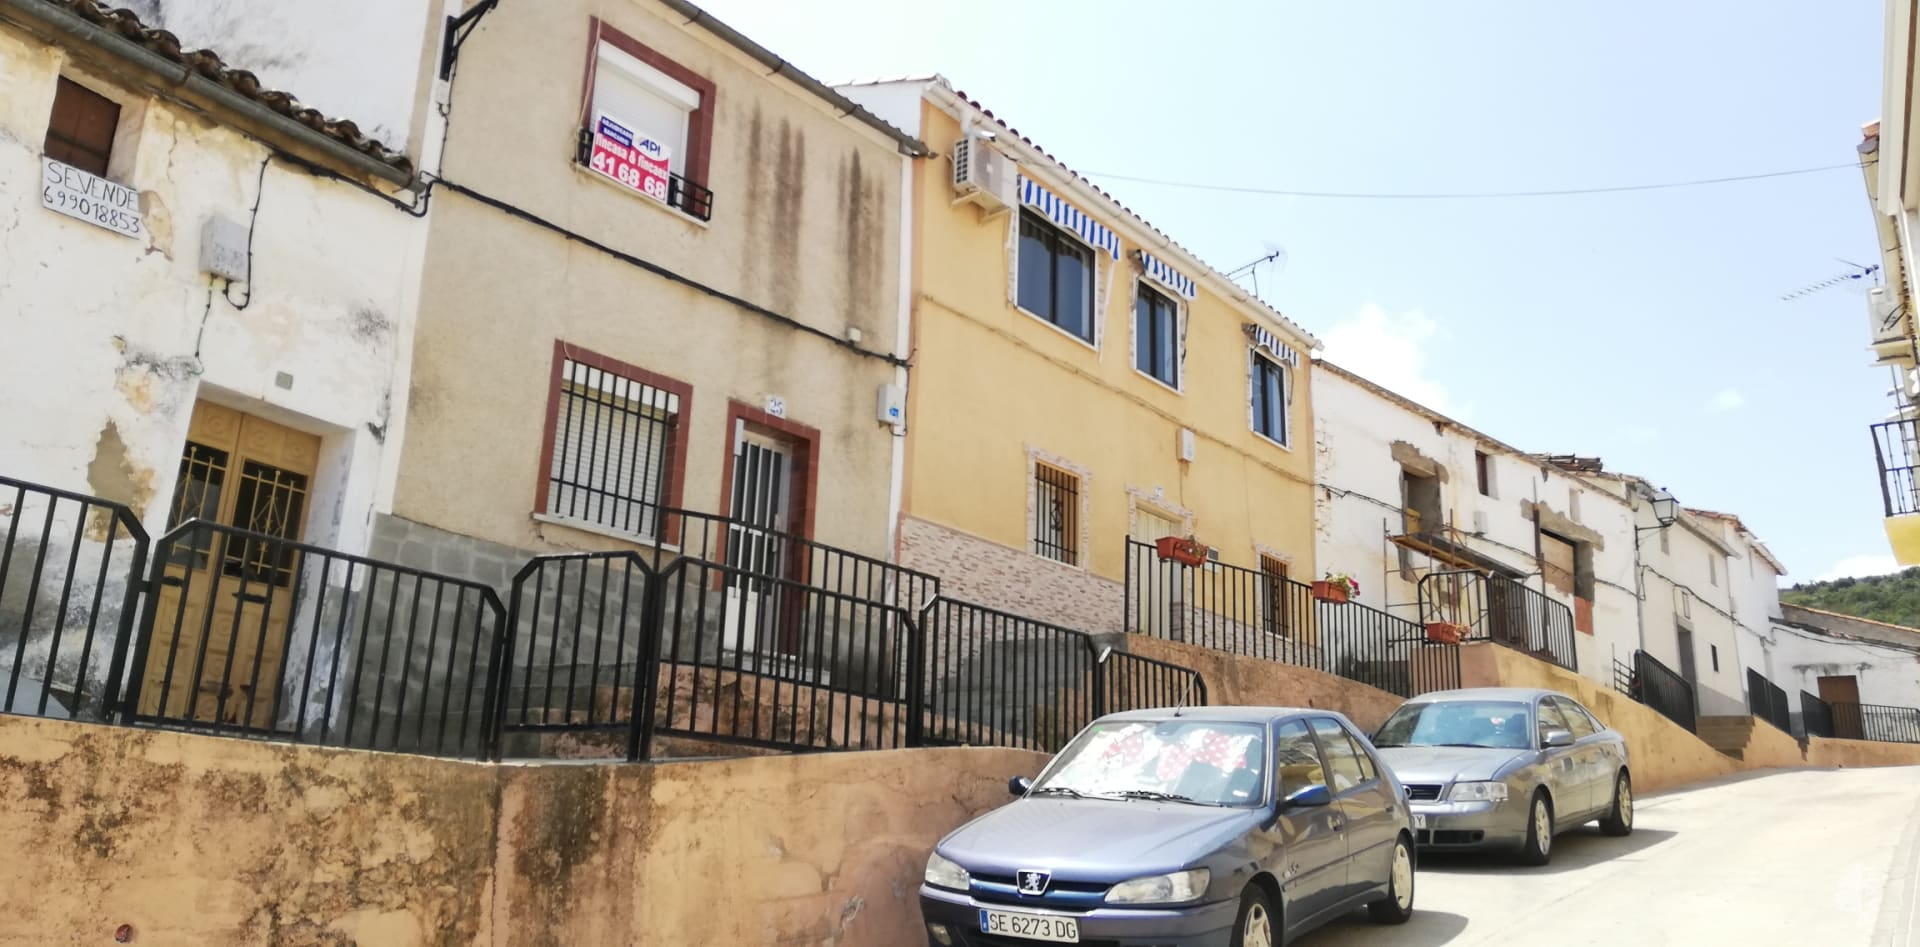 Casa en venta en Aliseda, Aliseda, Cáceres, Calle Puerto, 37.084 €, 2 habitaciones, 1 baño, 103 m2